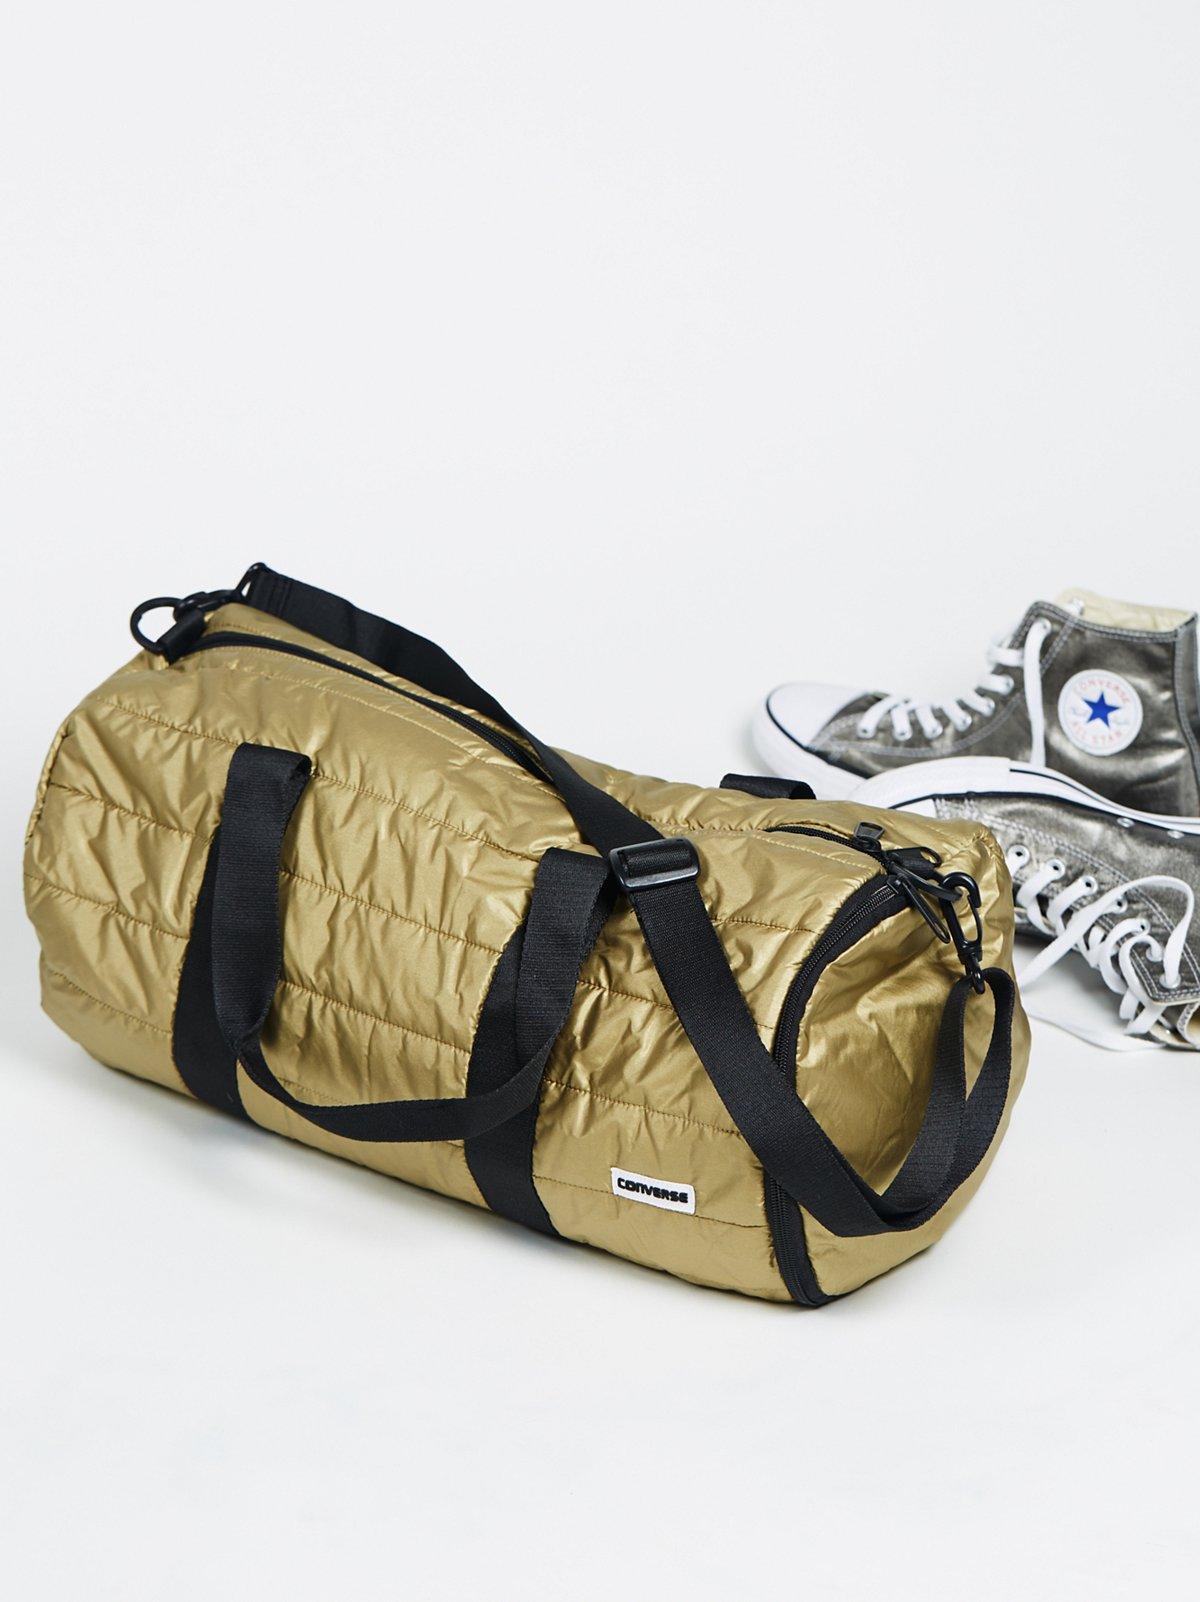 Converse Packable Duffel